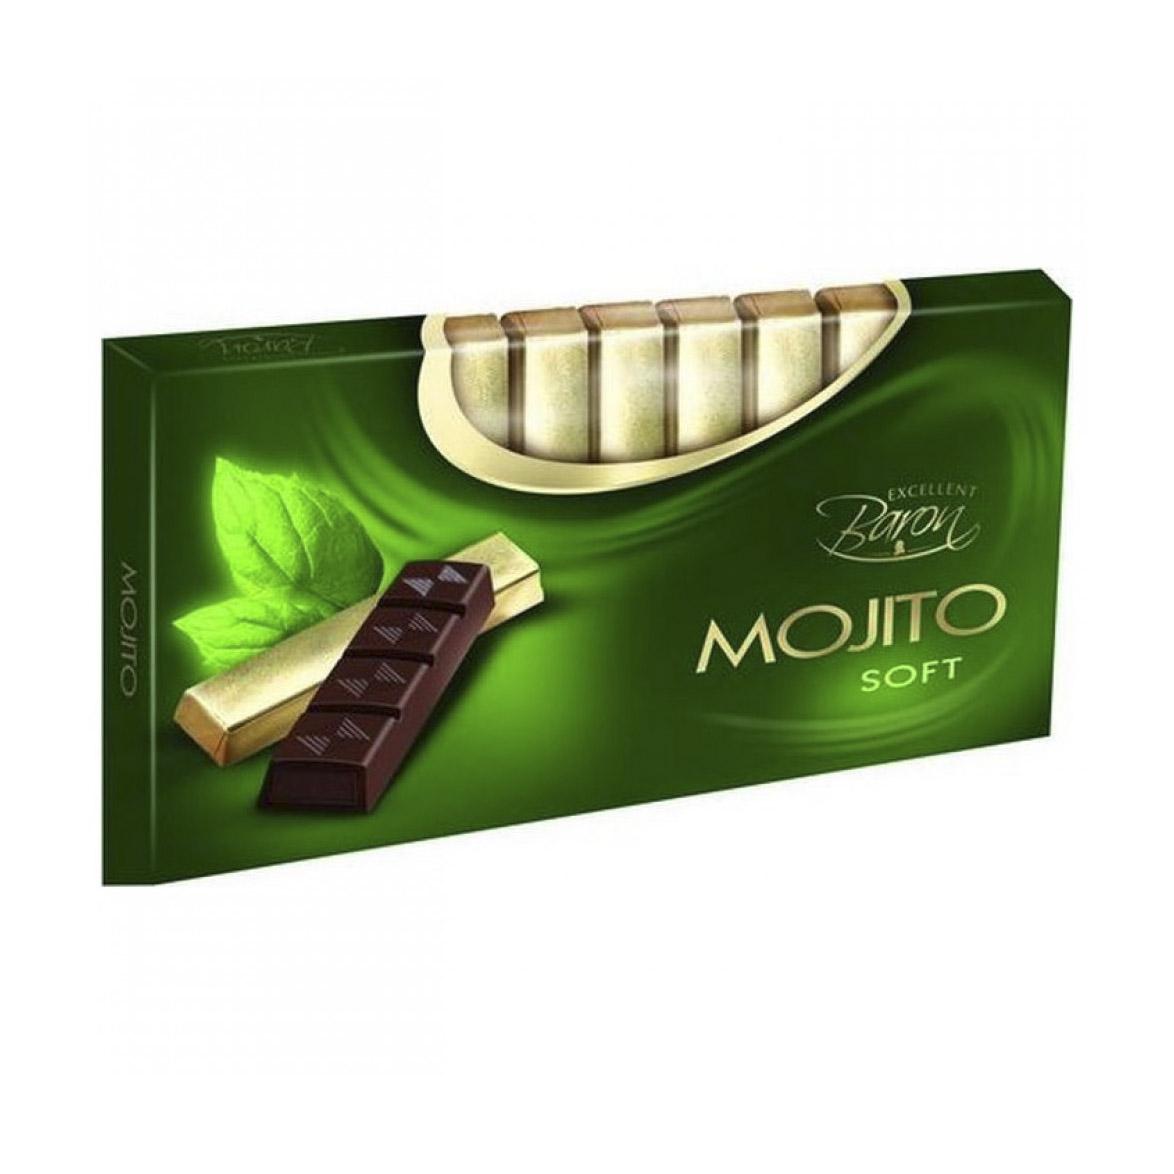 Темный шоколад Baron с начинкой Мохито 100 г шоколад maitre truffout erdbeer темный с помадной начинкой со вкусом клубники 50% 100 г